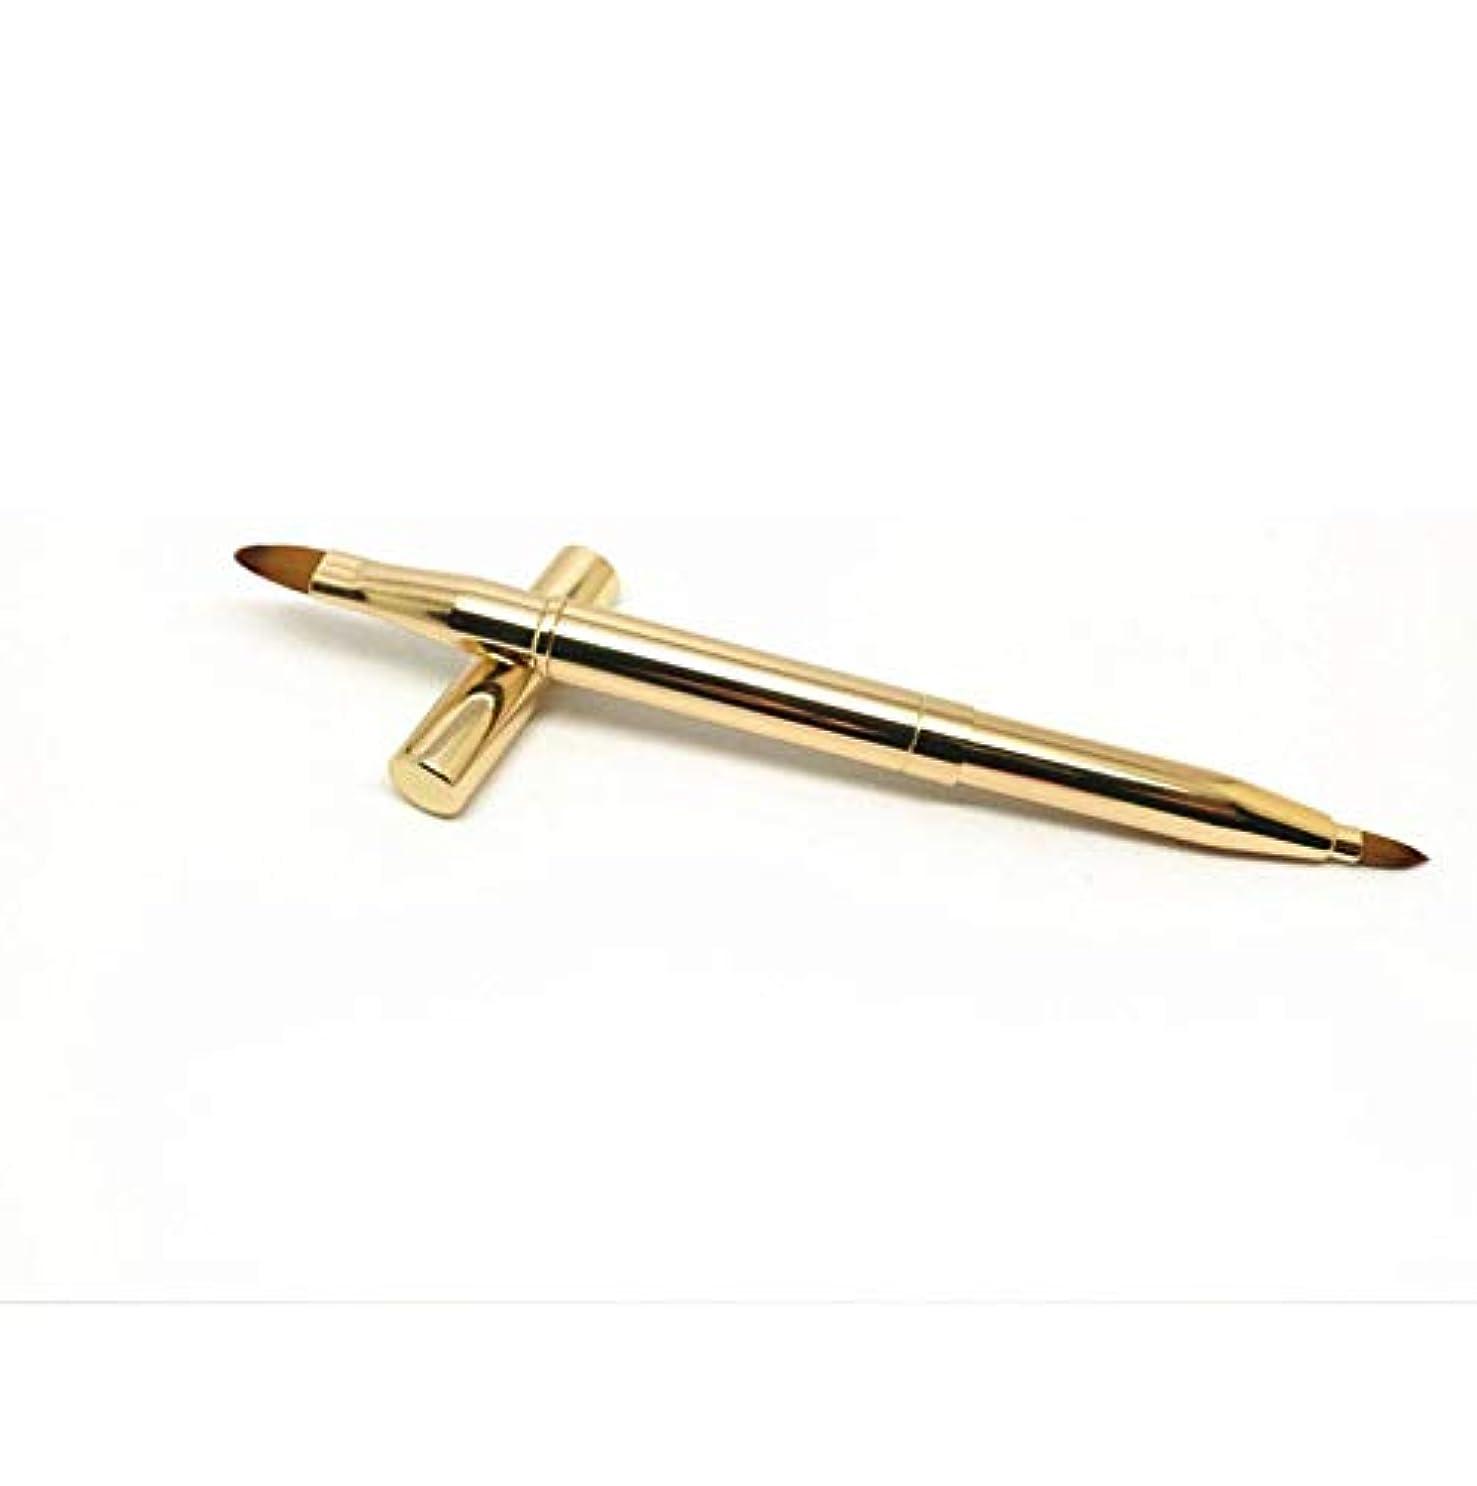 排除する段階ボードダブルヘッド自動伸縮ブラシポータブルリップブラシメタルリップブラシ化粧ブラシゴールドリップペンシルツール